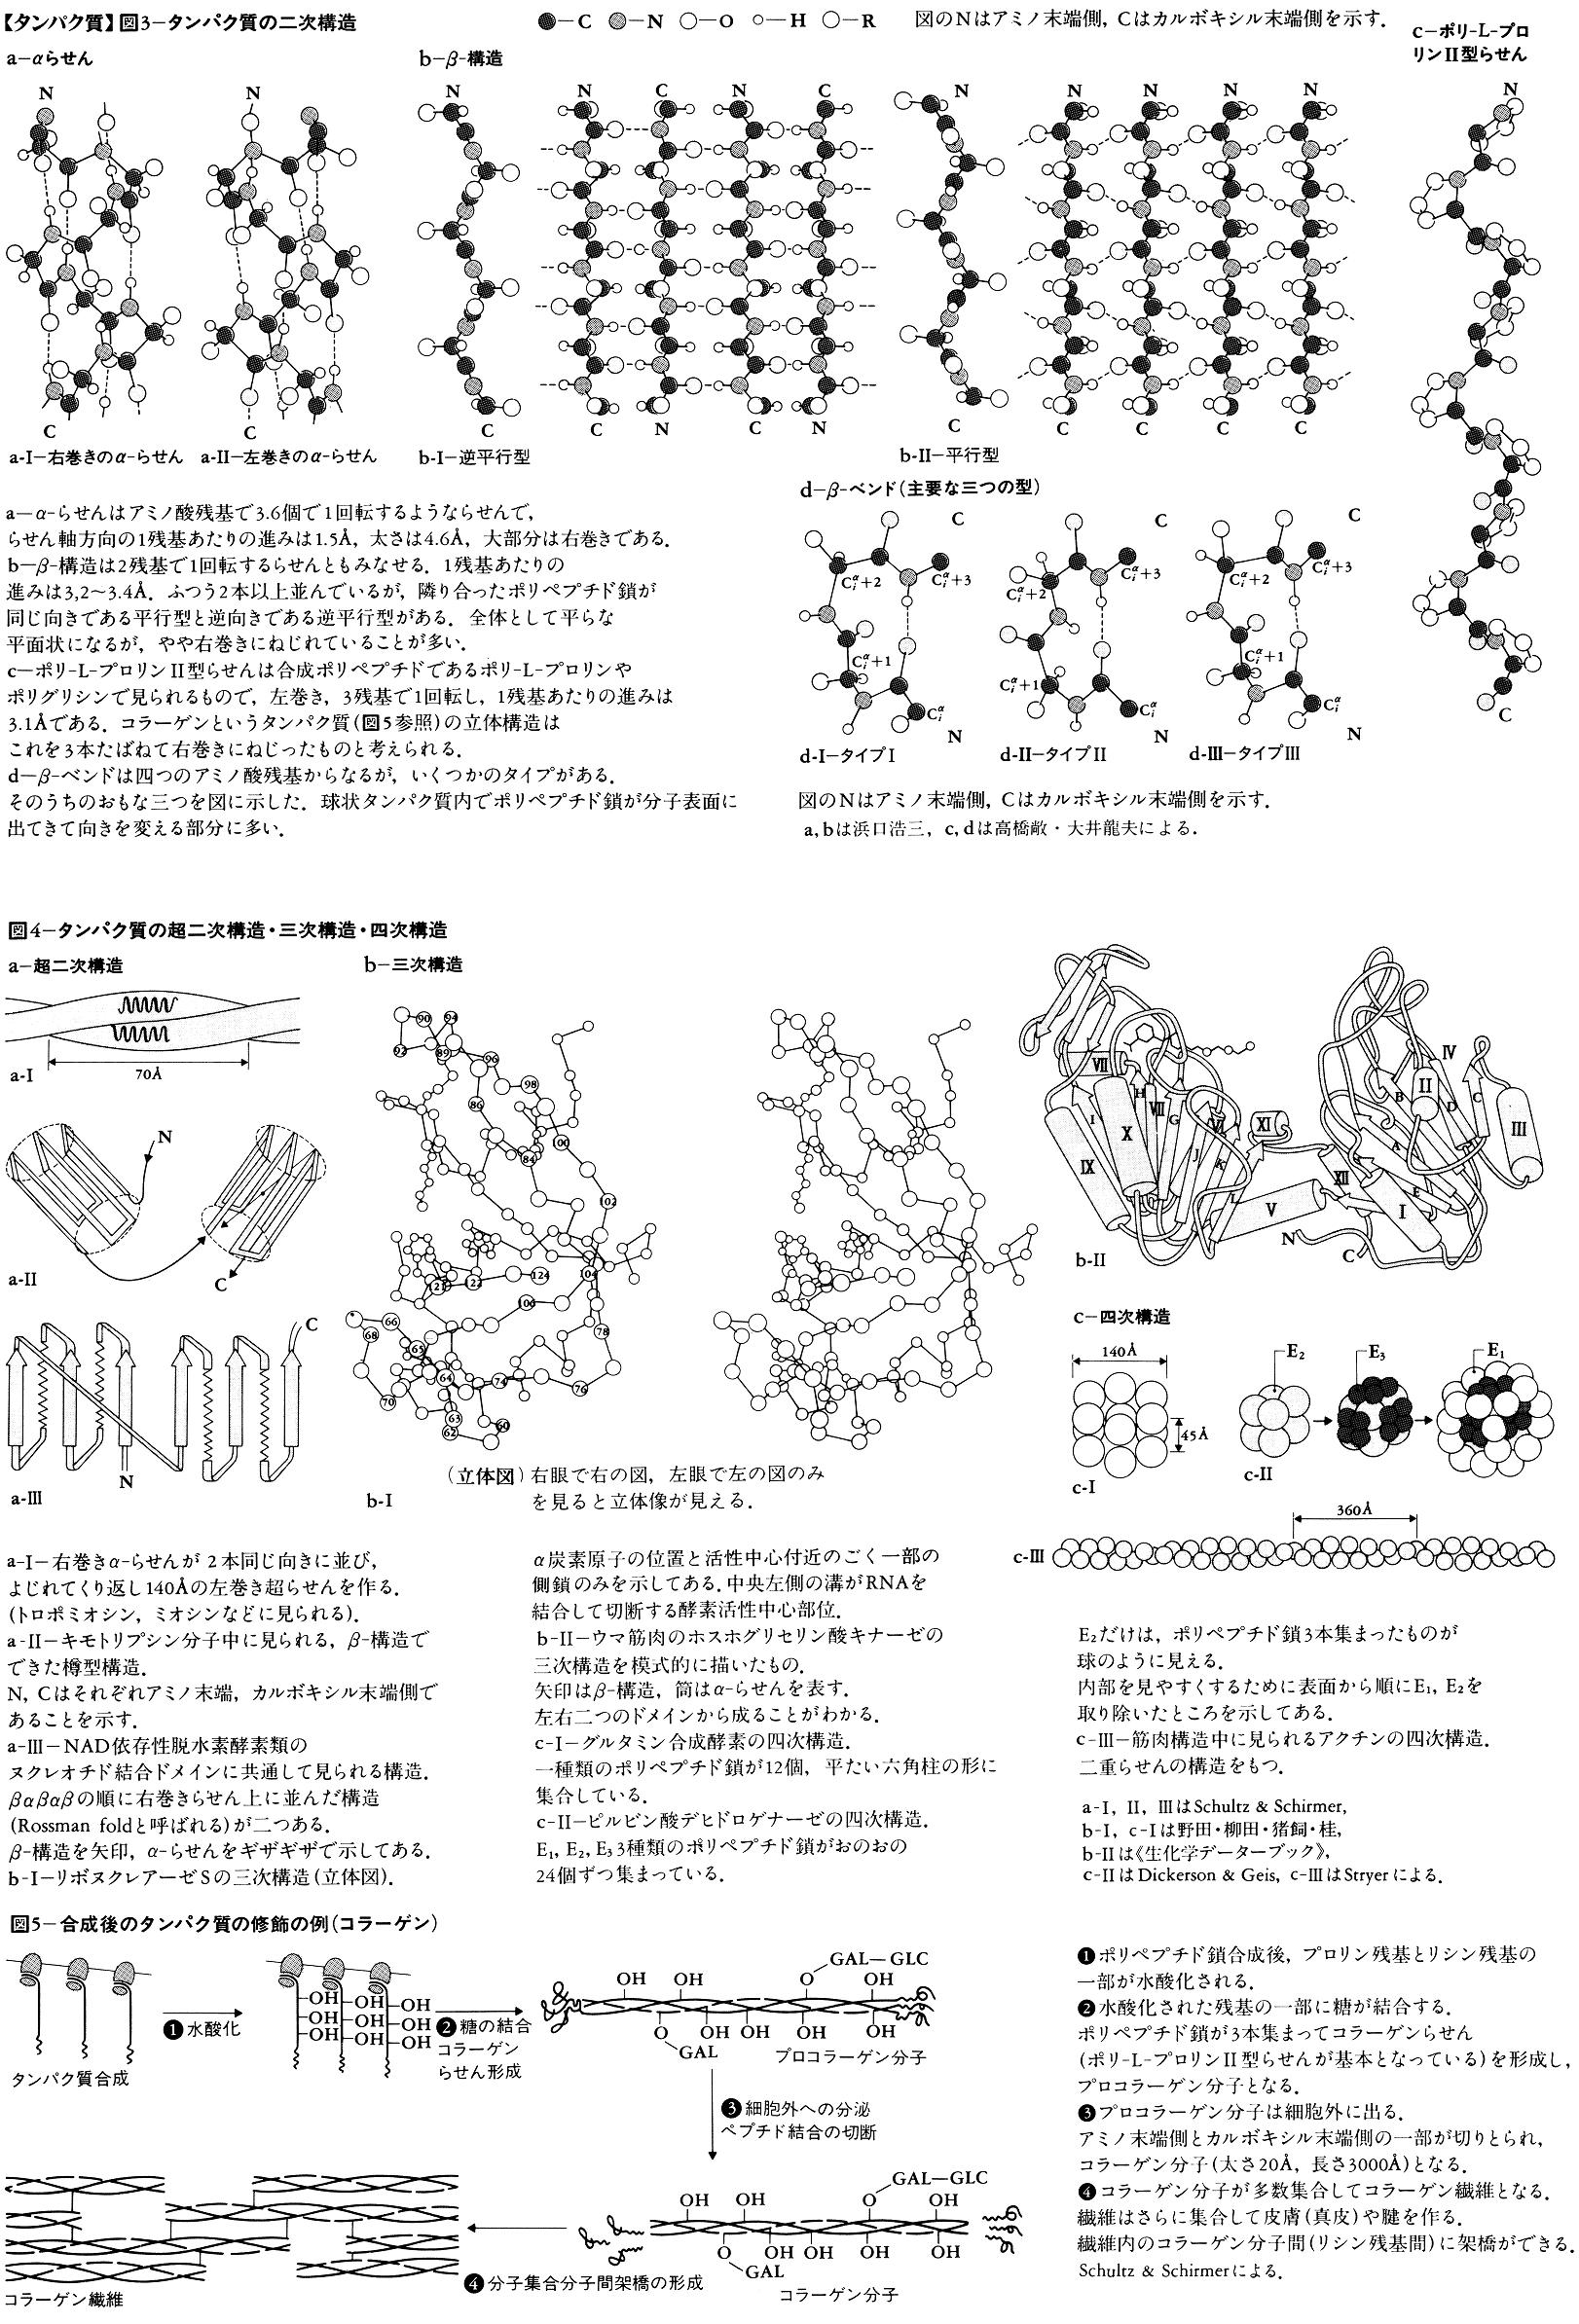 タンパク質 図3~図5